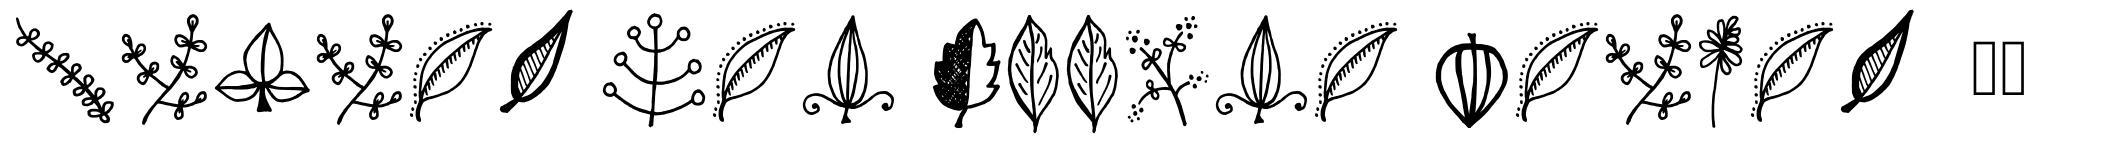 Tanaestel Doodle Leaves 01